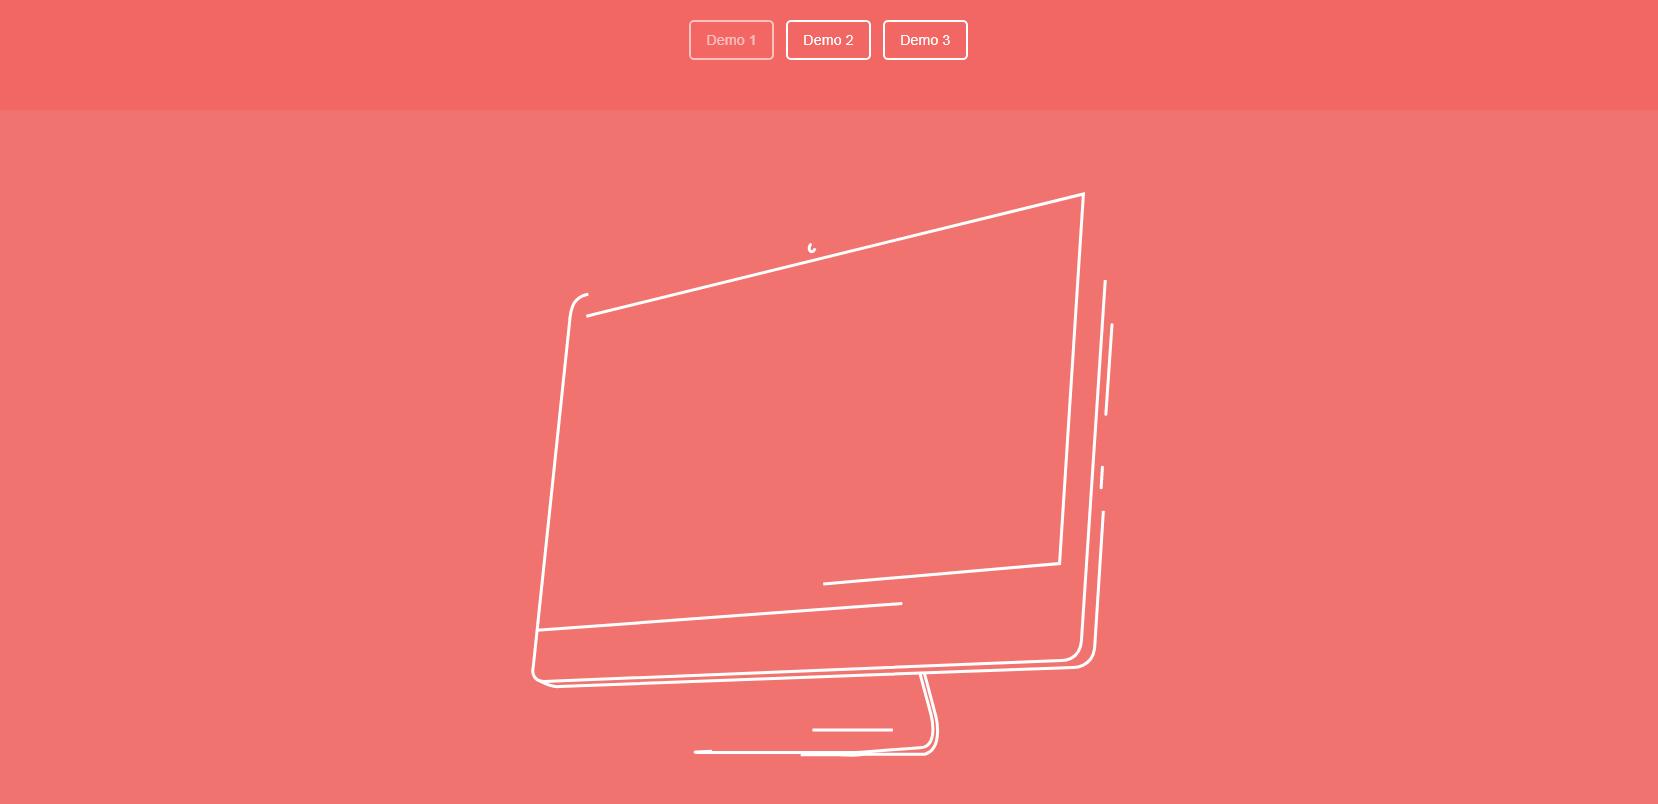 SVG网页绘图动画效果